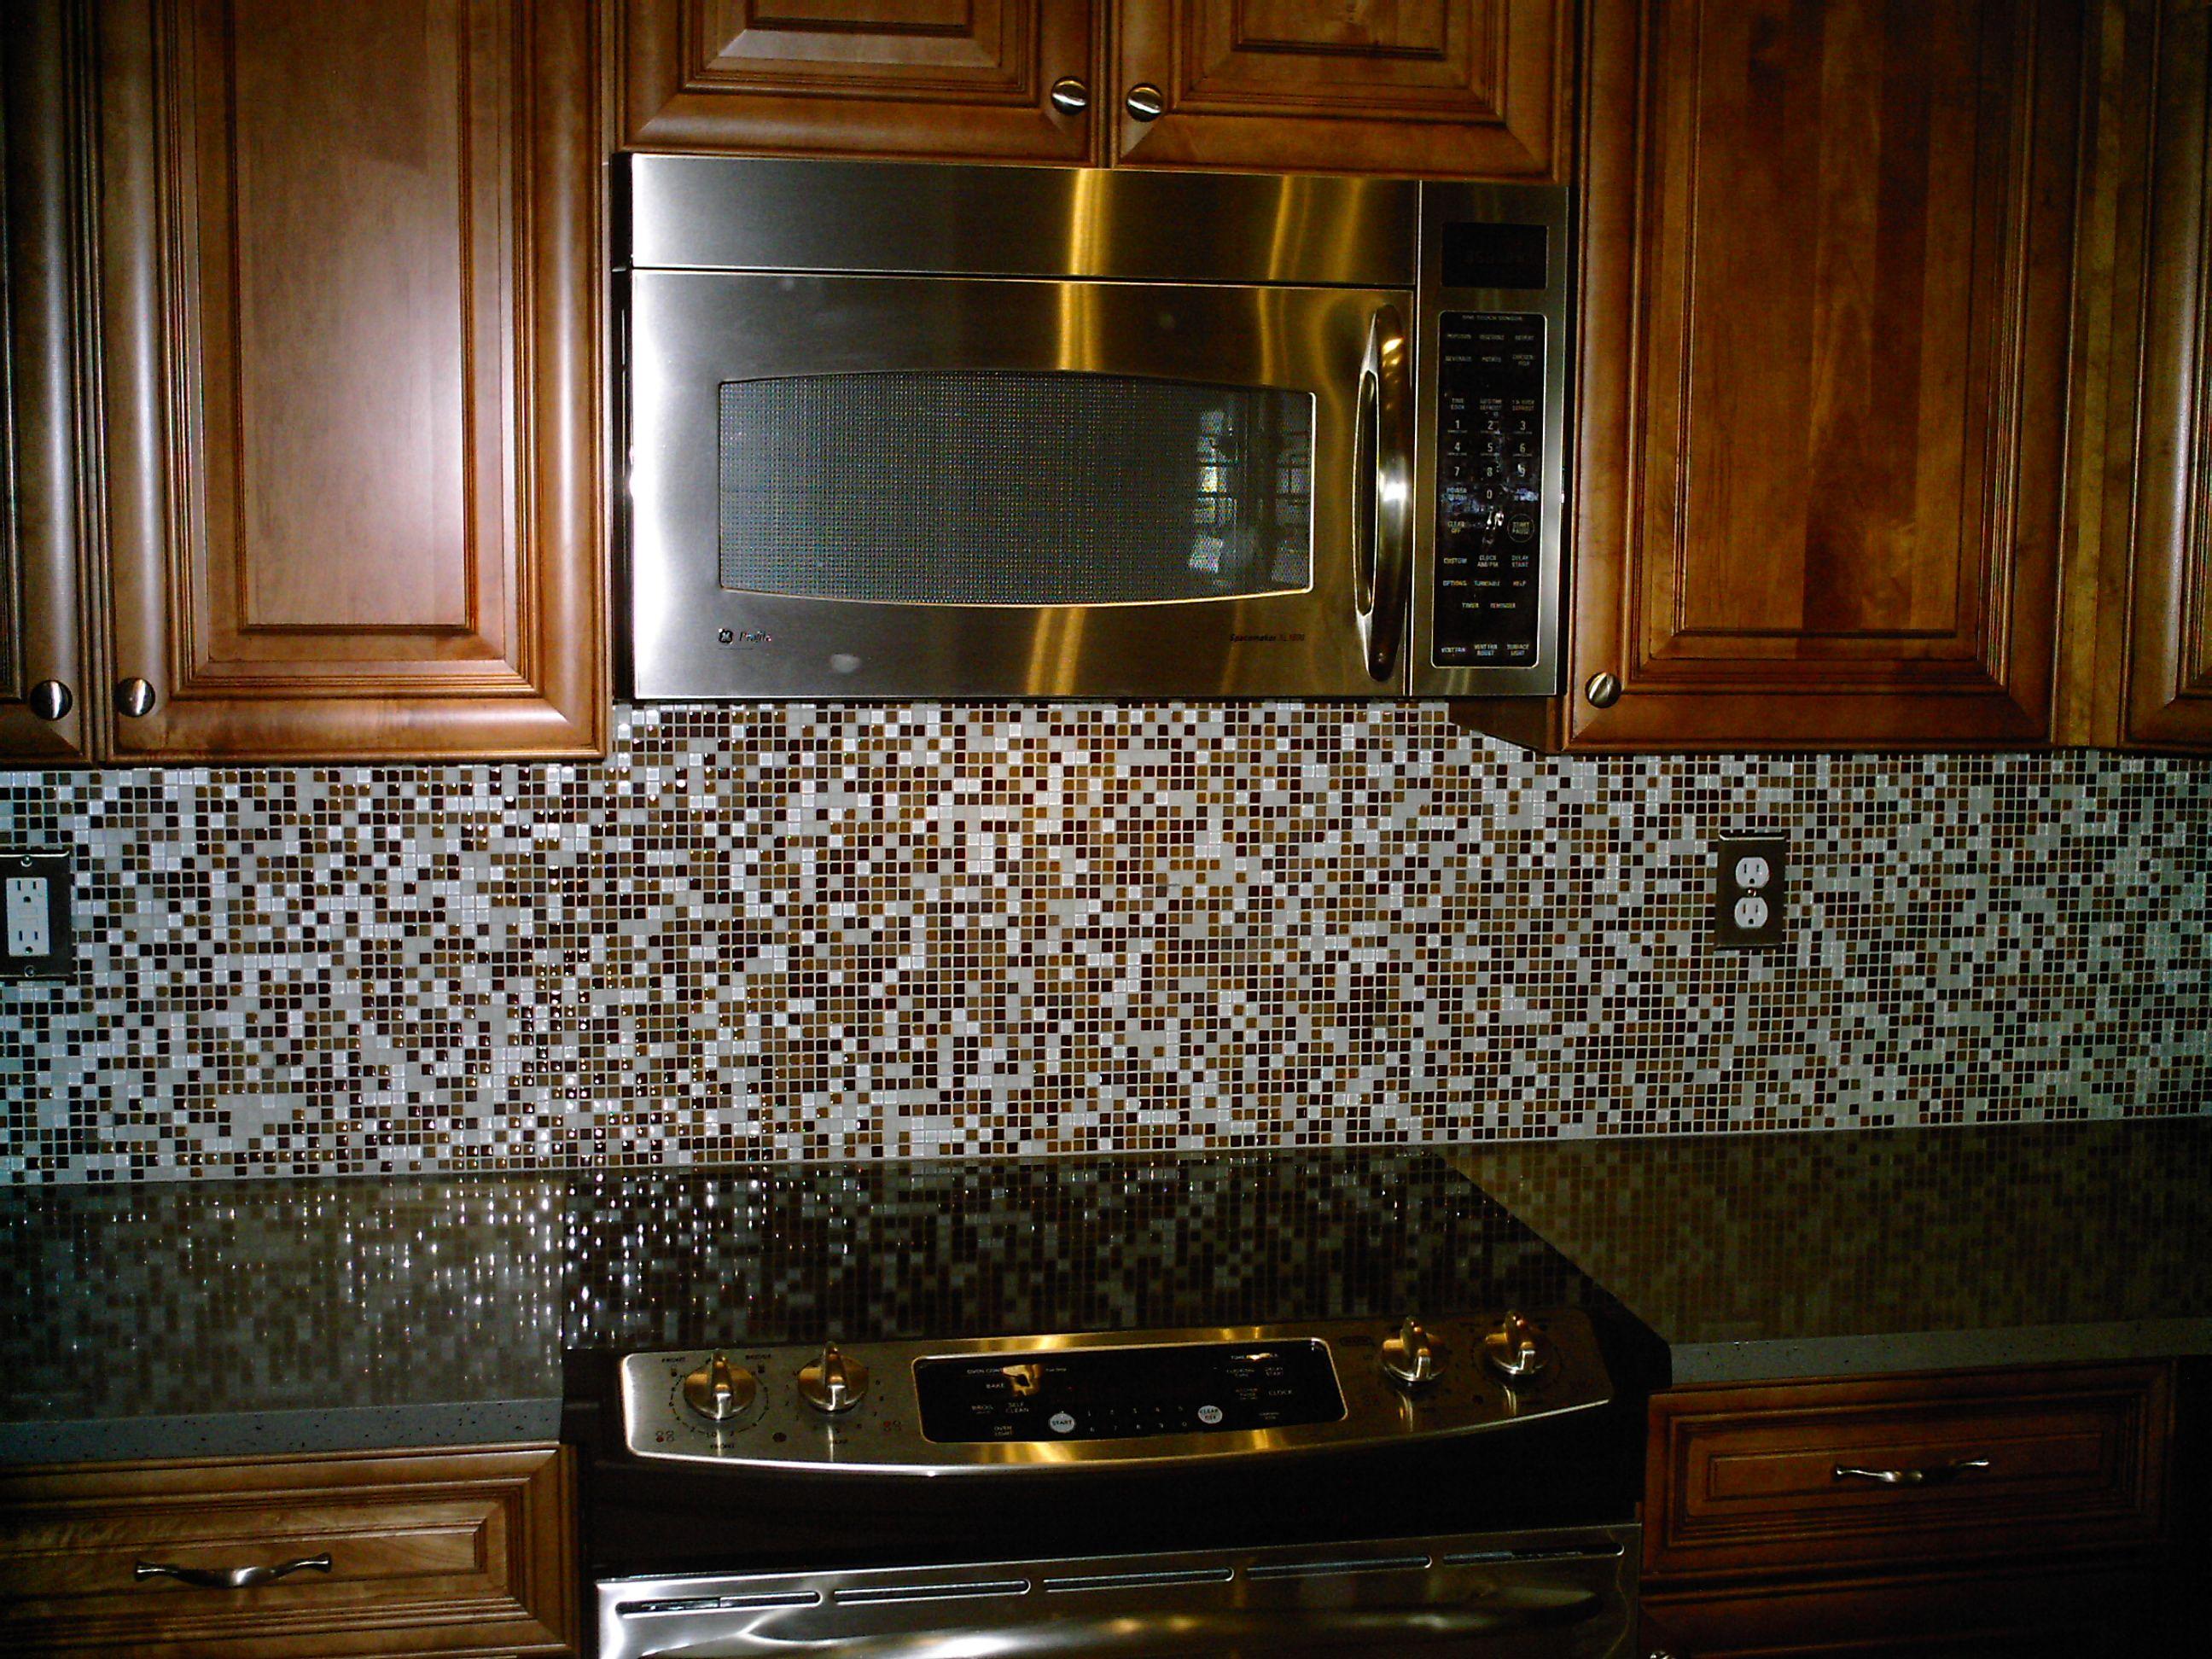 Glass Backsplash With Black Granite Top  Countertop Backsplash Entrancing Kitchen Backsplash Tile Designs Pictures Review